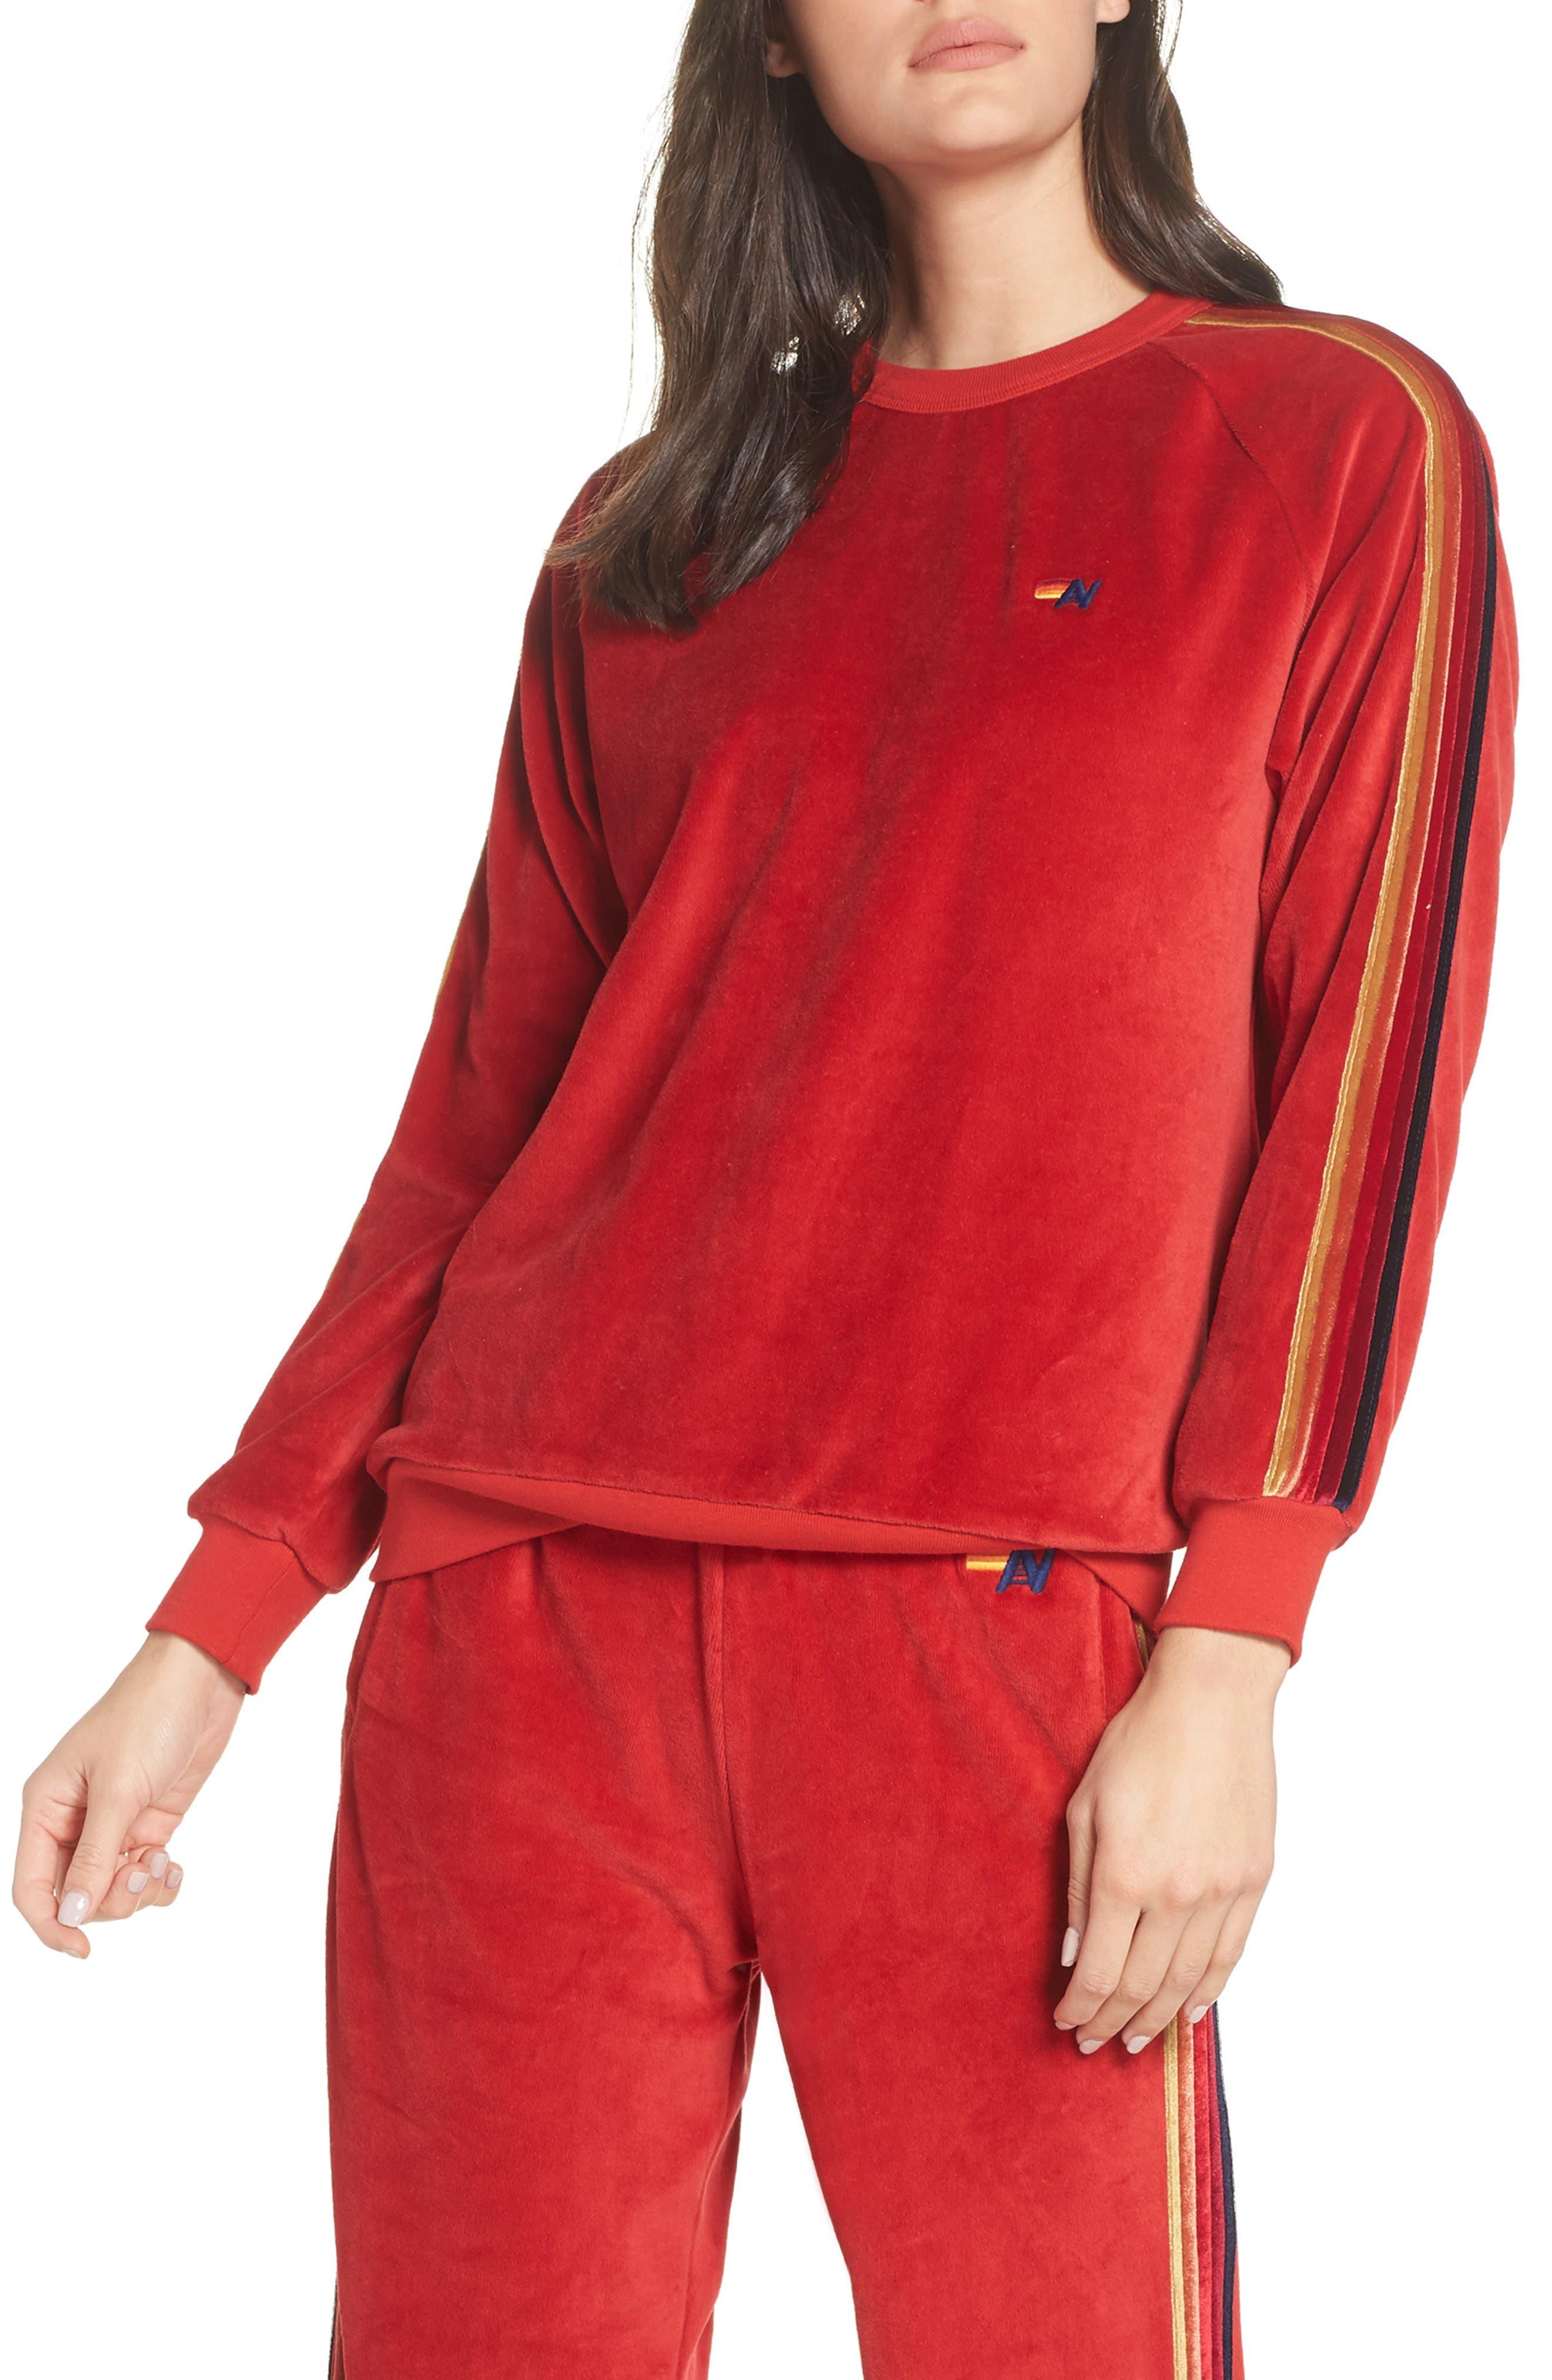 AVIATOR NATION Velvet Crewneck Sweatshirt in Red